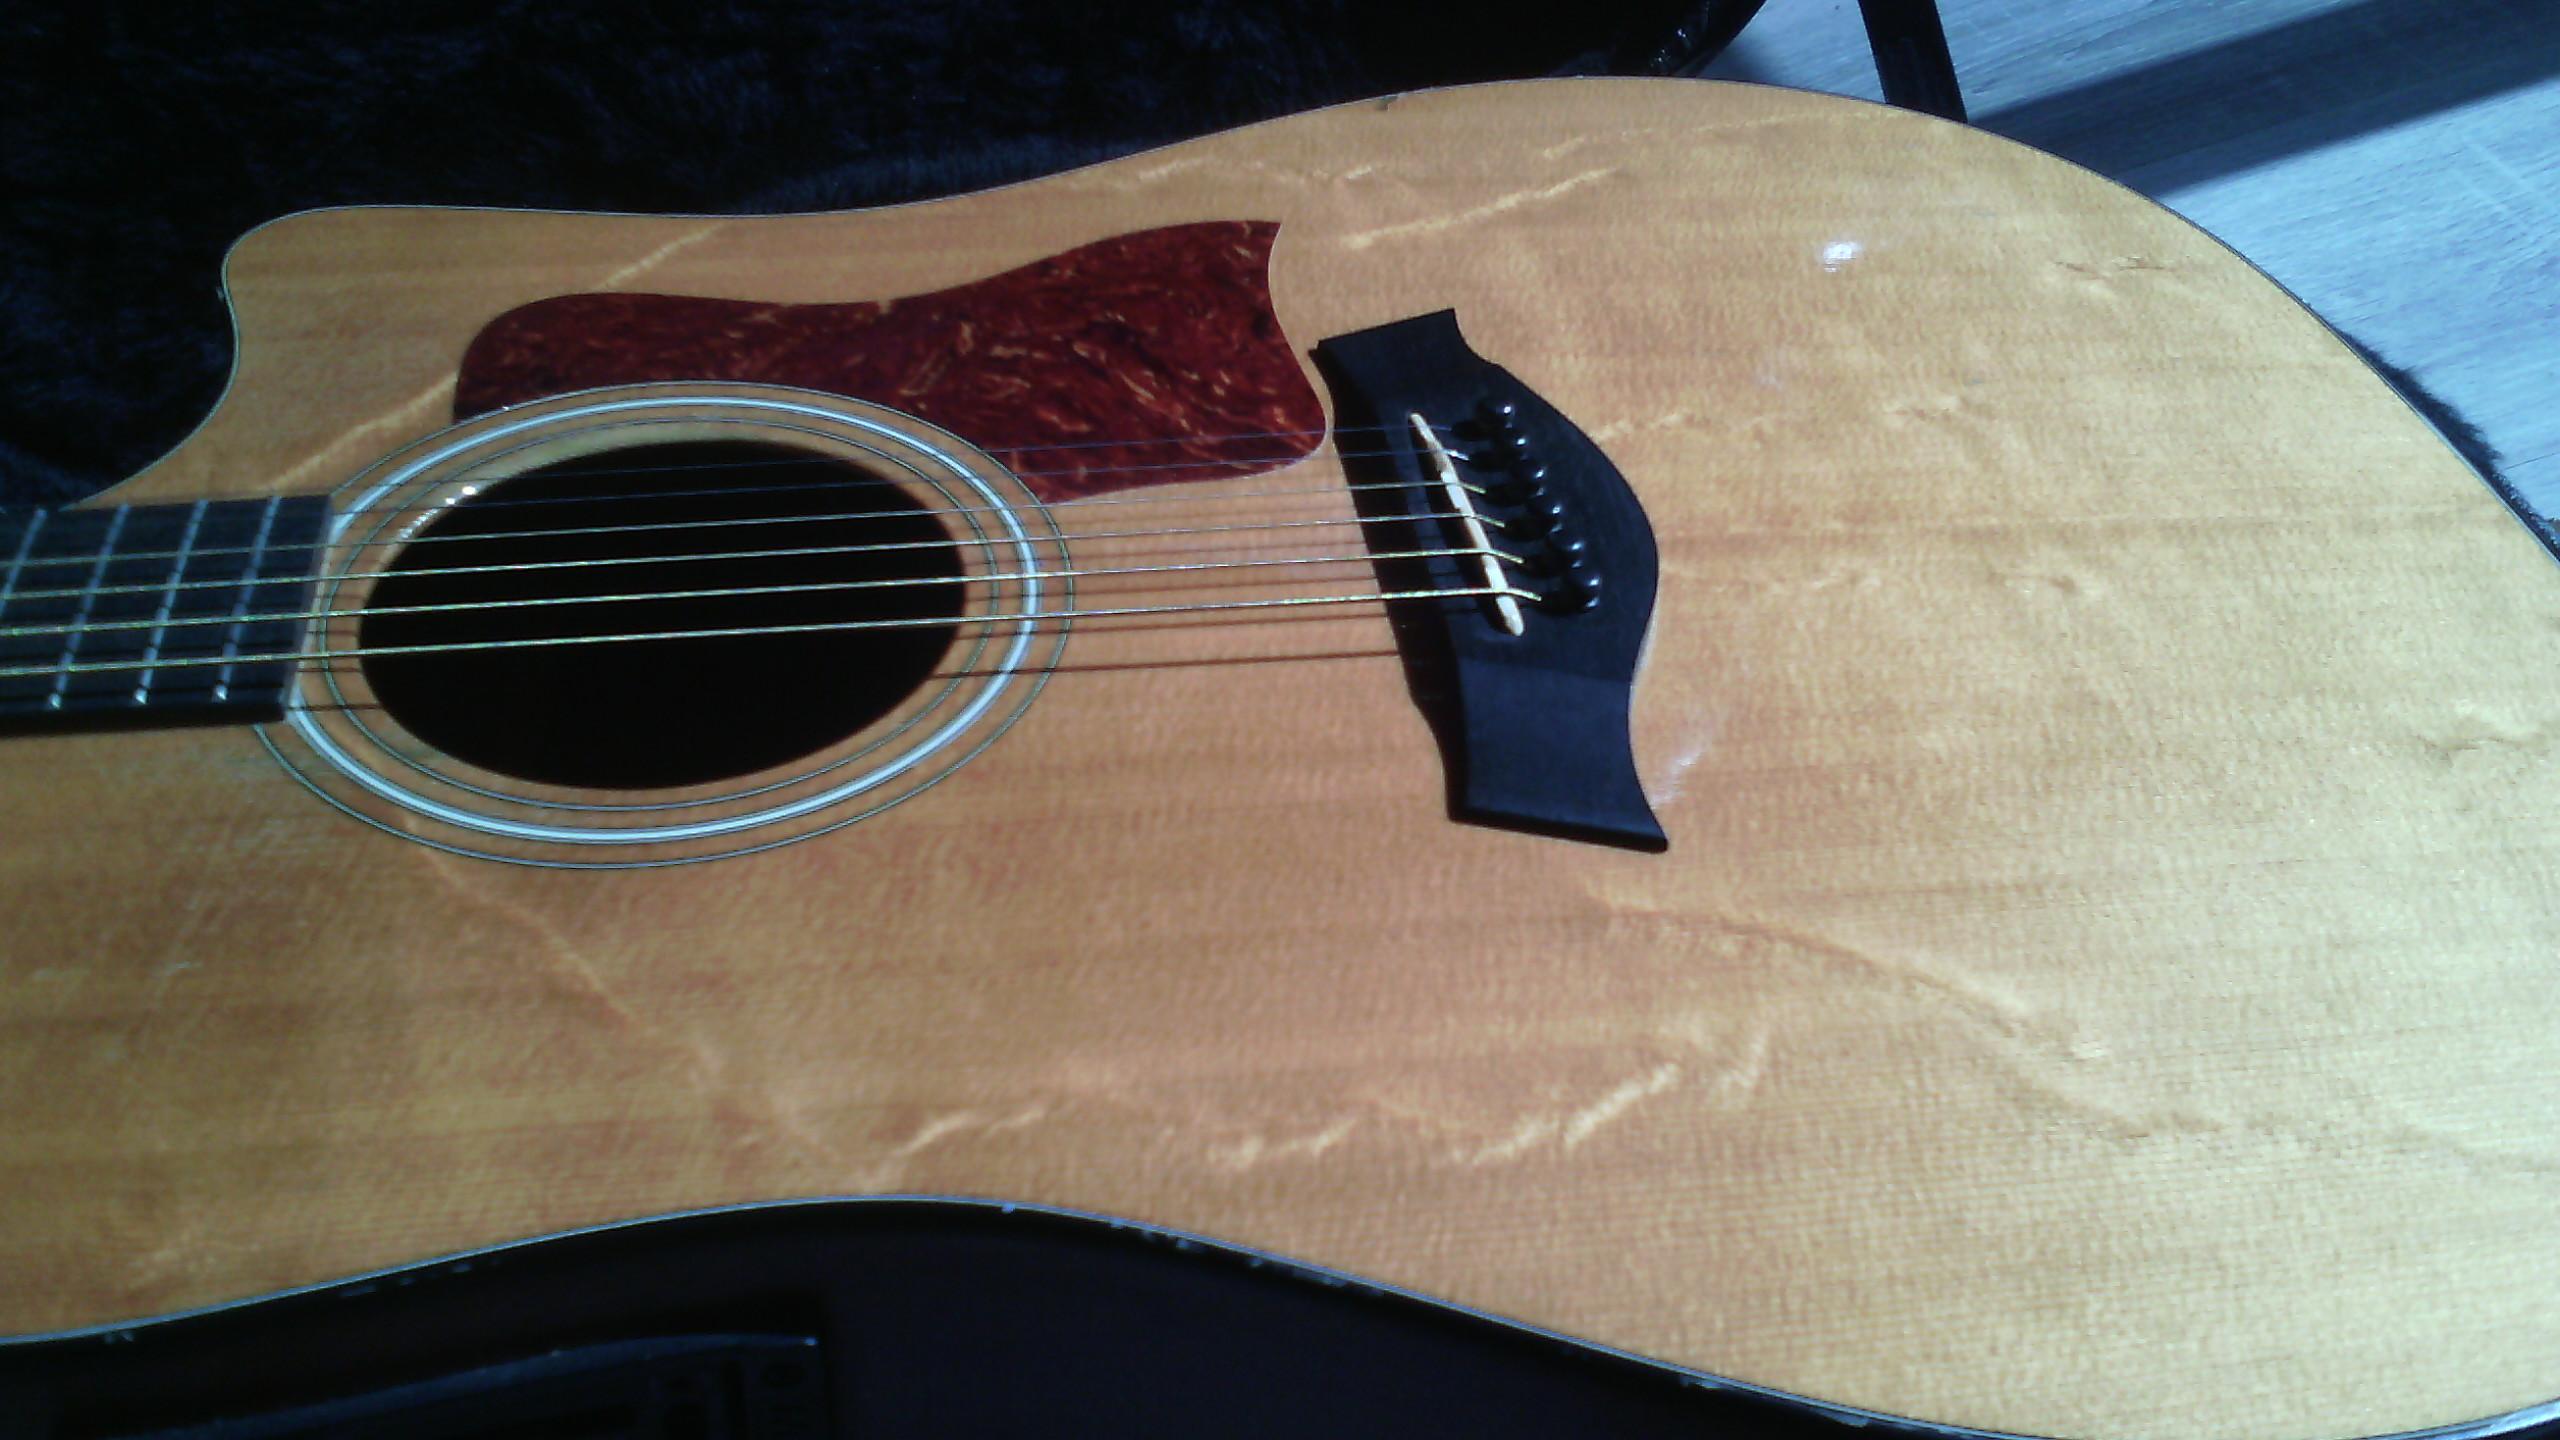 guitares electro acoustiques taylor 110ce es2 dreadnought cutaway + housse folk electro